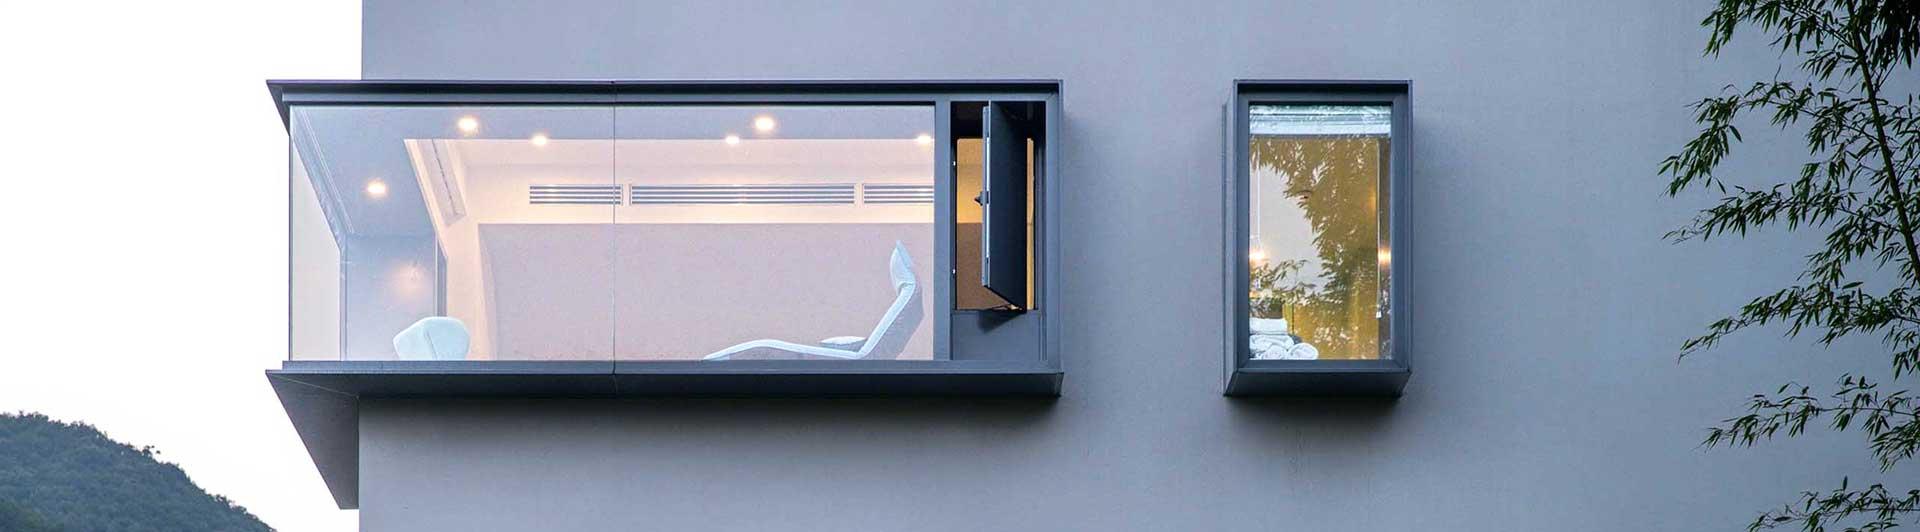 Окно на выносе